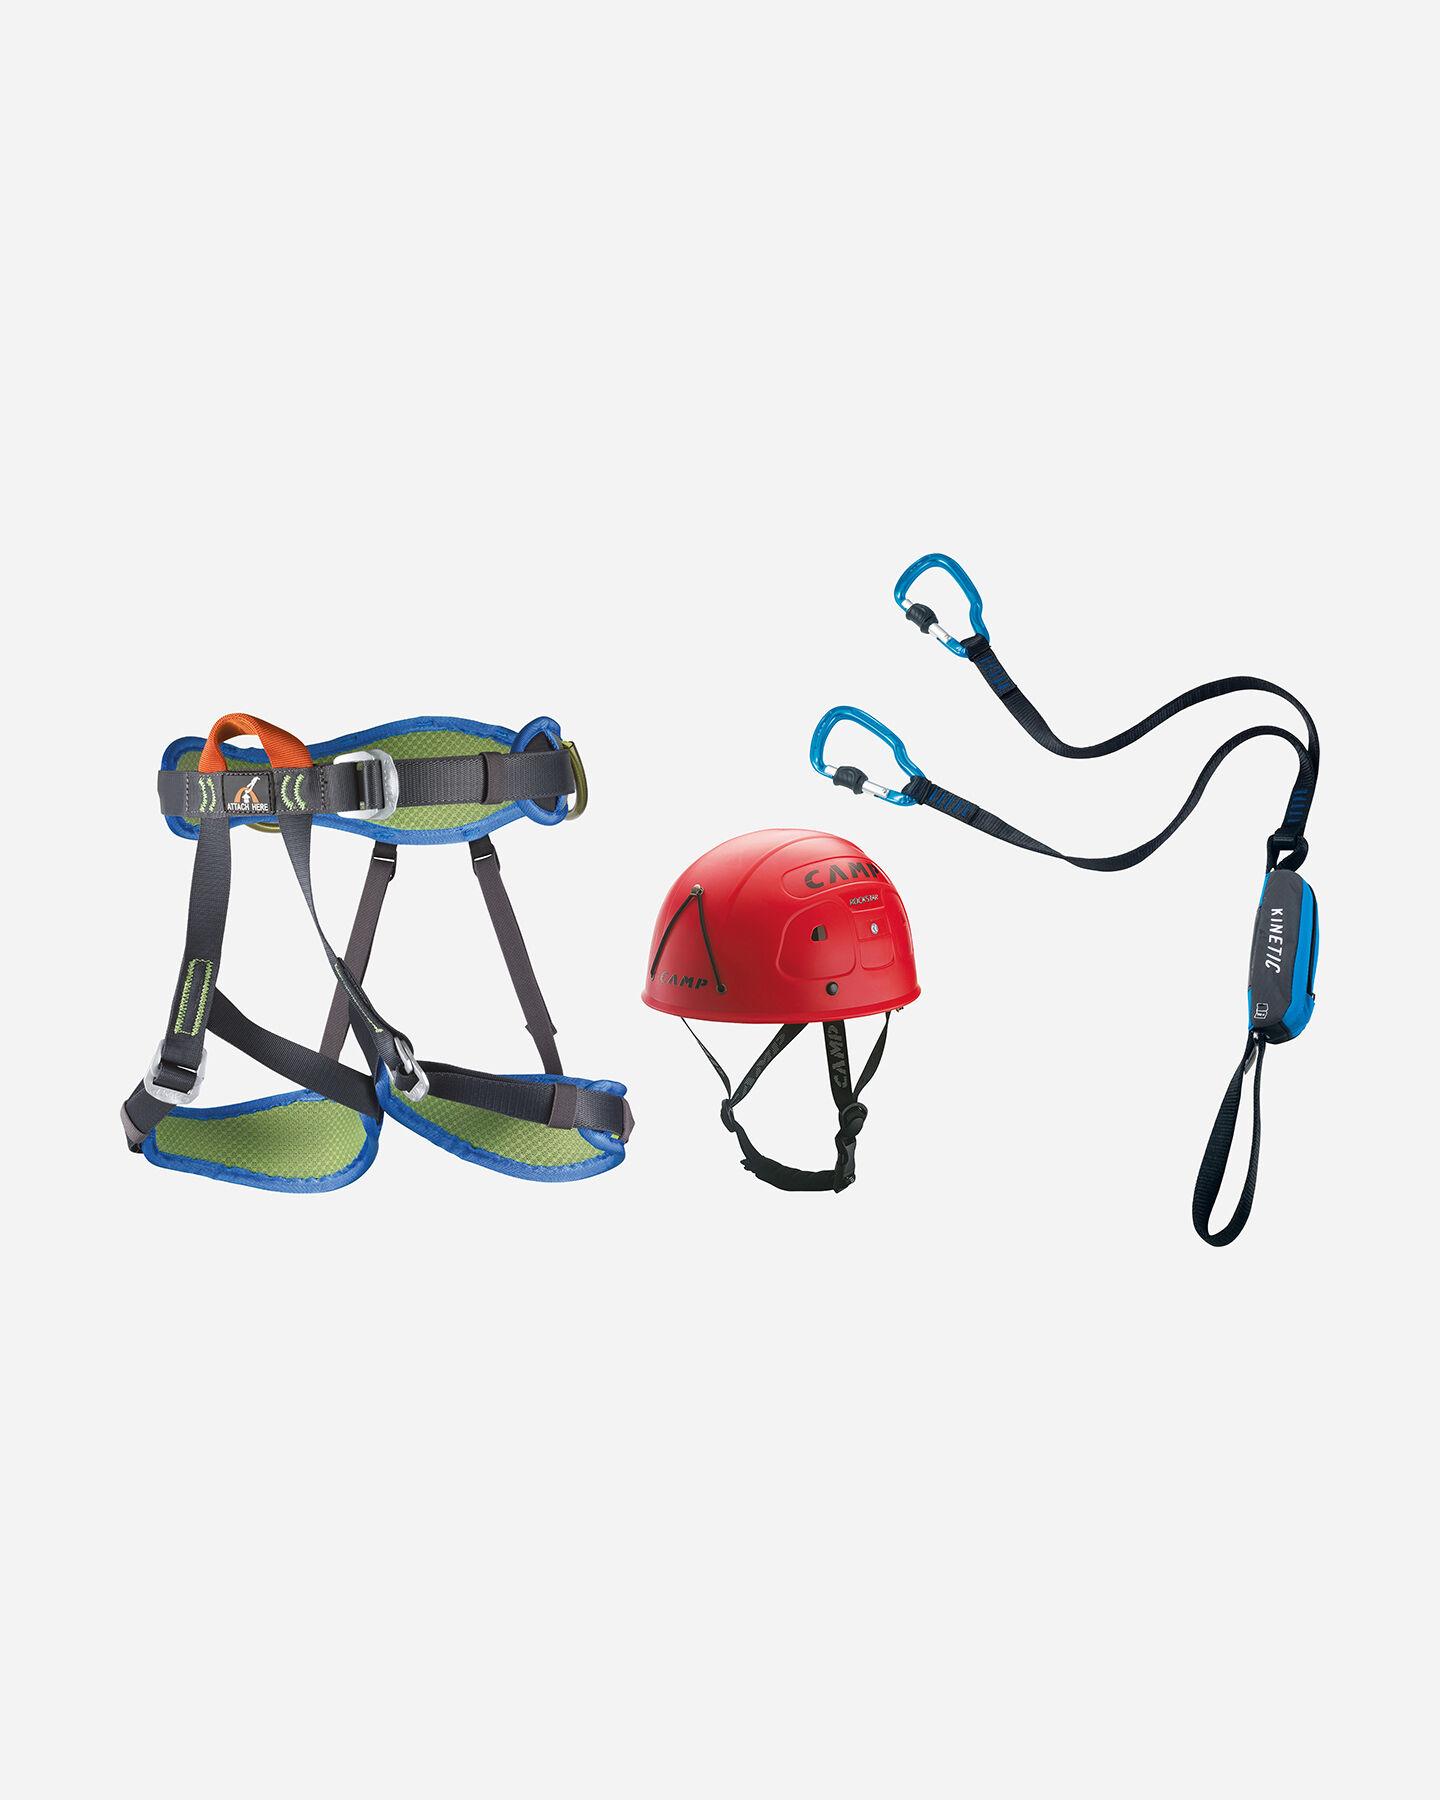 Accessorio arrampicata CAMP KIT CAMP FERRATA KINETIC 2746 ROCKSTAR-TOPAZ PLUS S4027971|1|UNI scatto 0